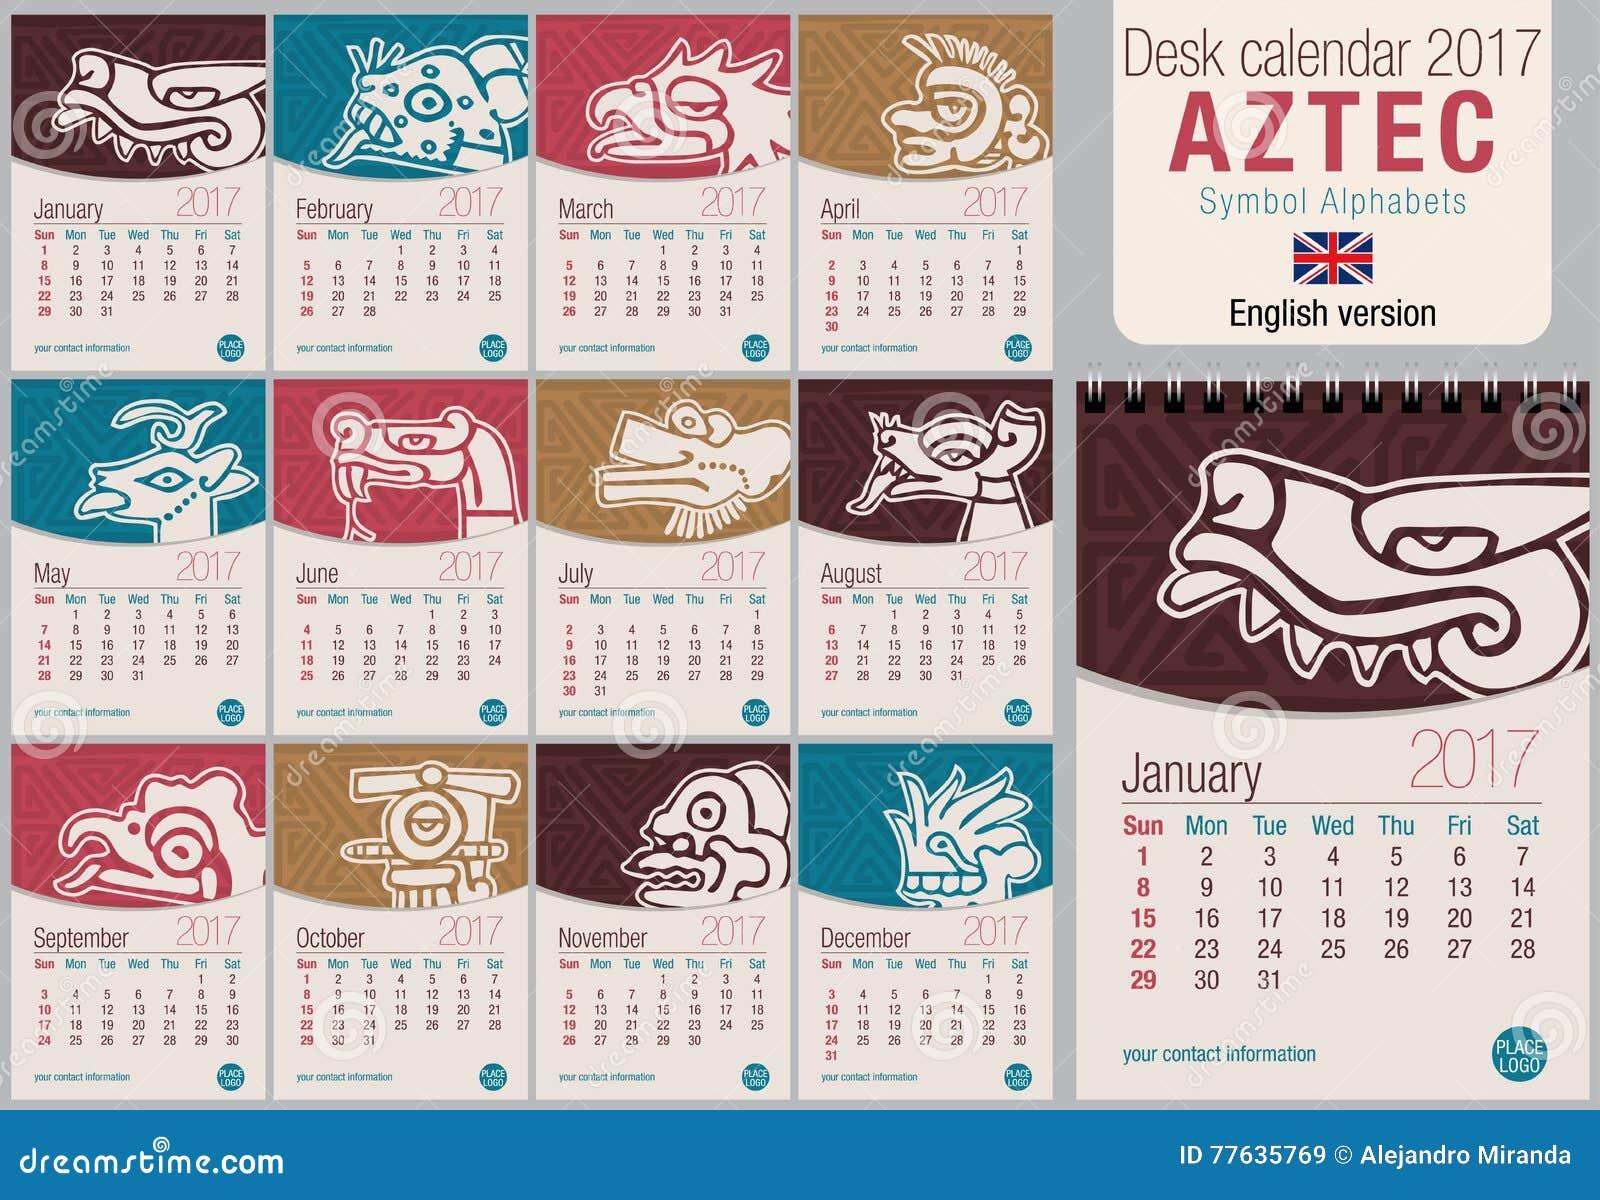 Desk Triangle Calendar Template Size Mm X Mm Format - Calendar format